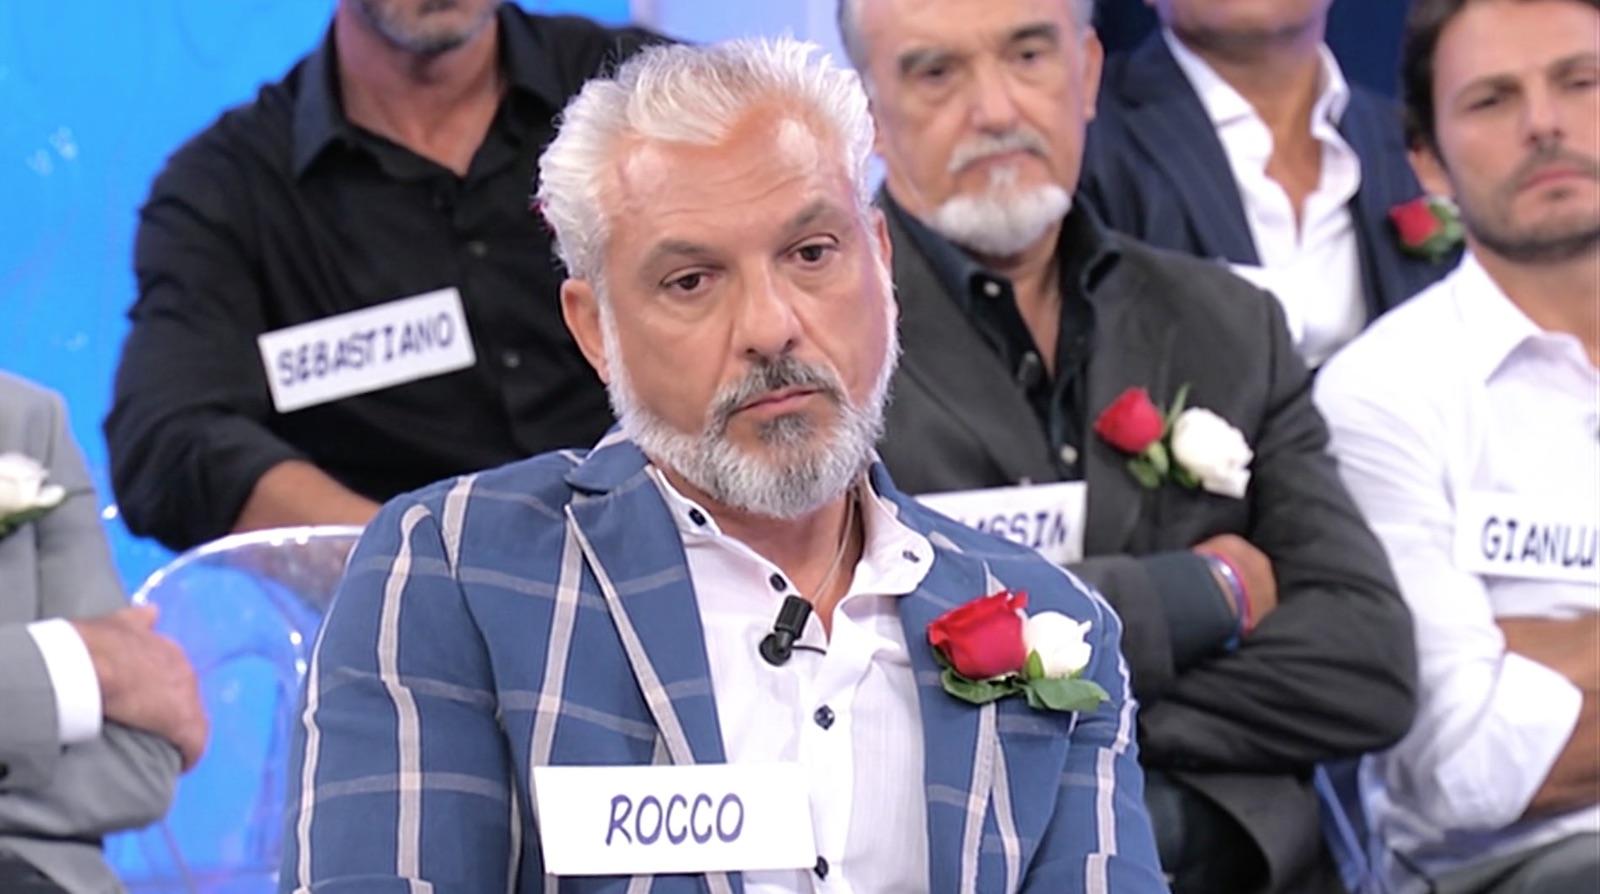 Uomini e Donne trono Over, Rocco Fredella sorprende tutti: cosa fa per la sua Gemma Galgani